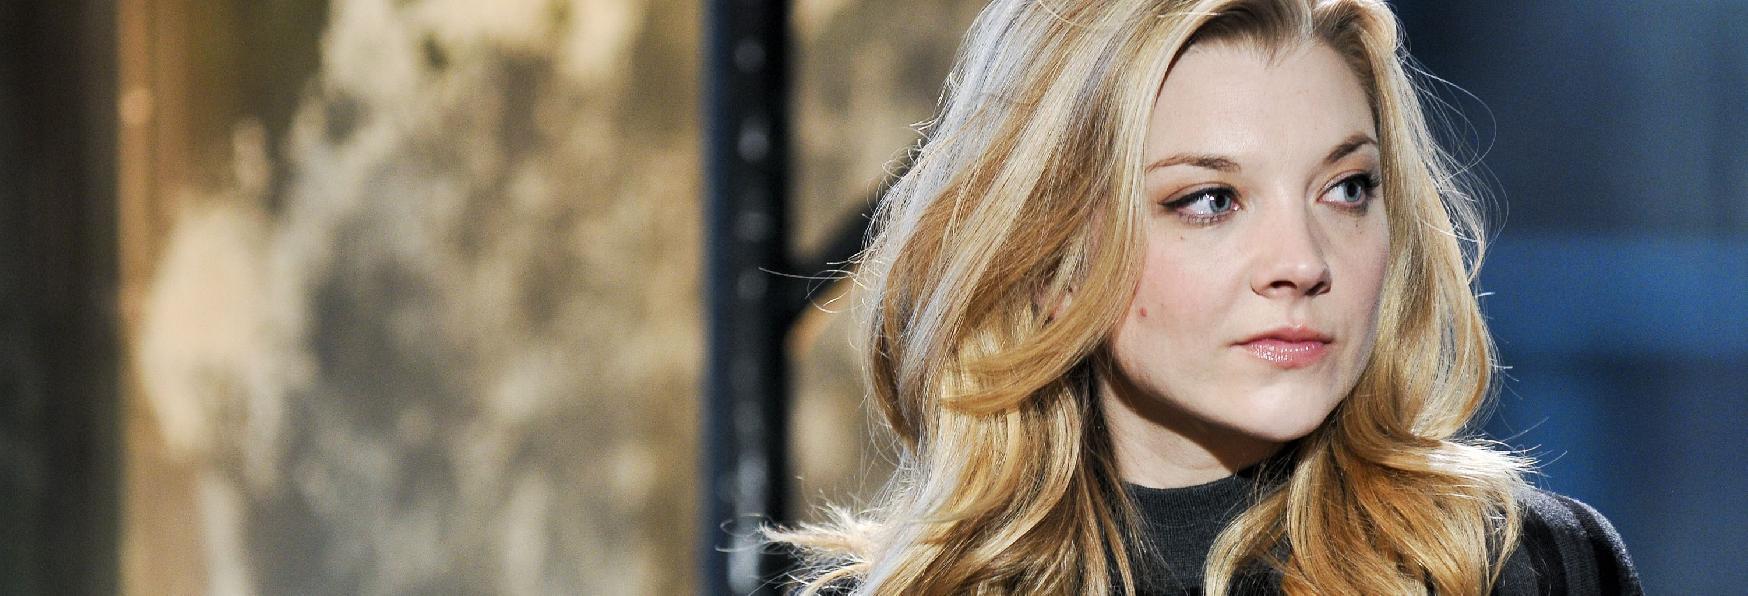 Natalie Dormer farà parte del cast di Penny Dreadful: City of Angels